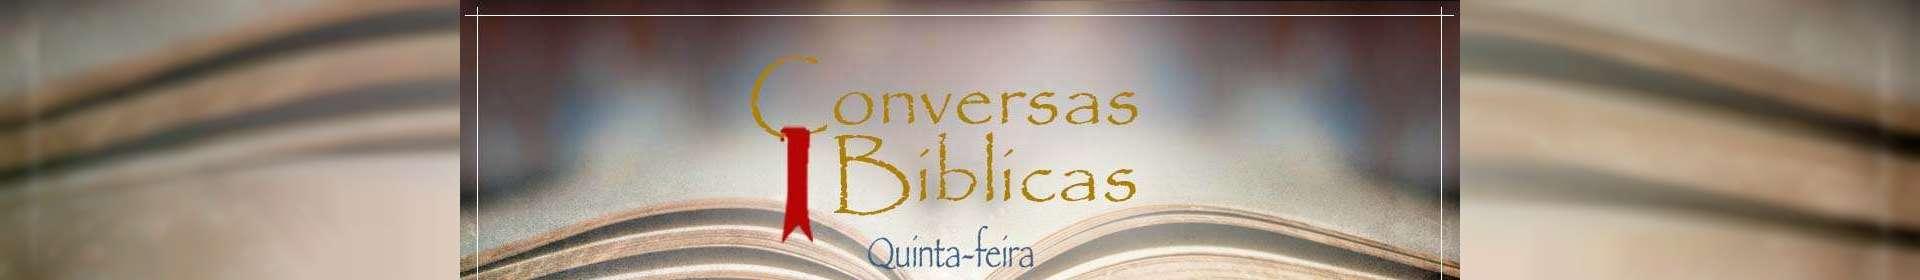 Conversas Bíblicas: Idolatria - Parte 1